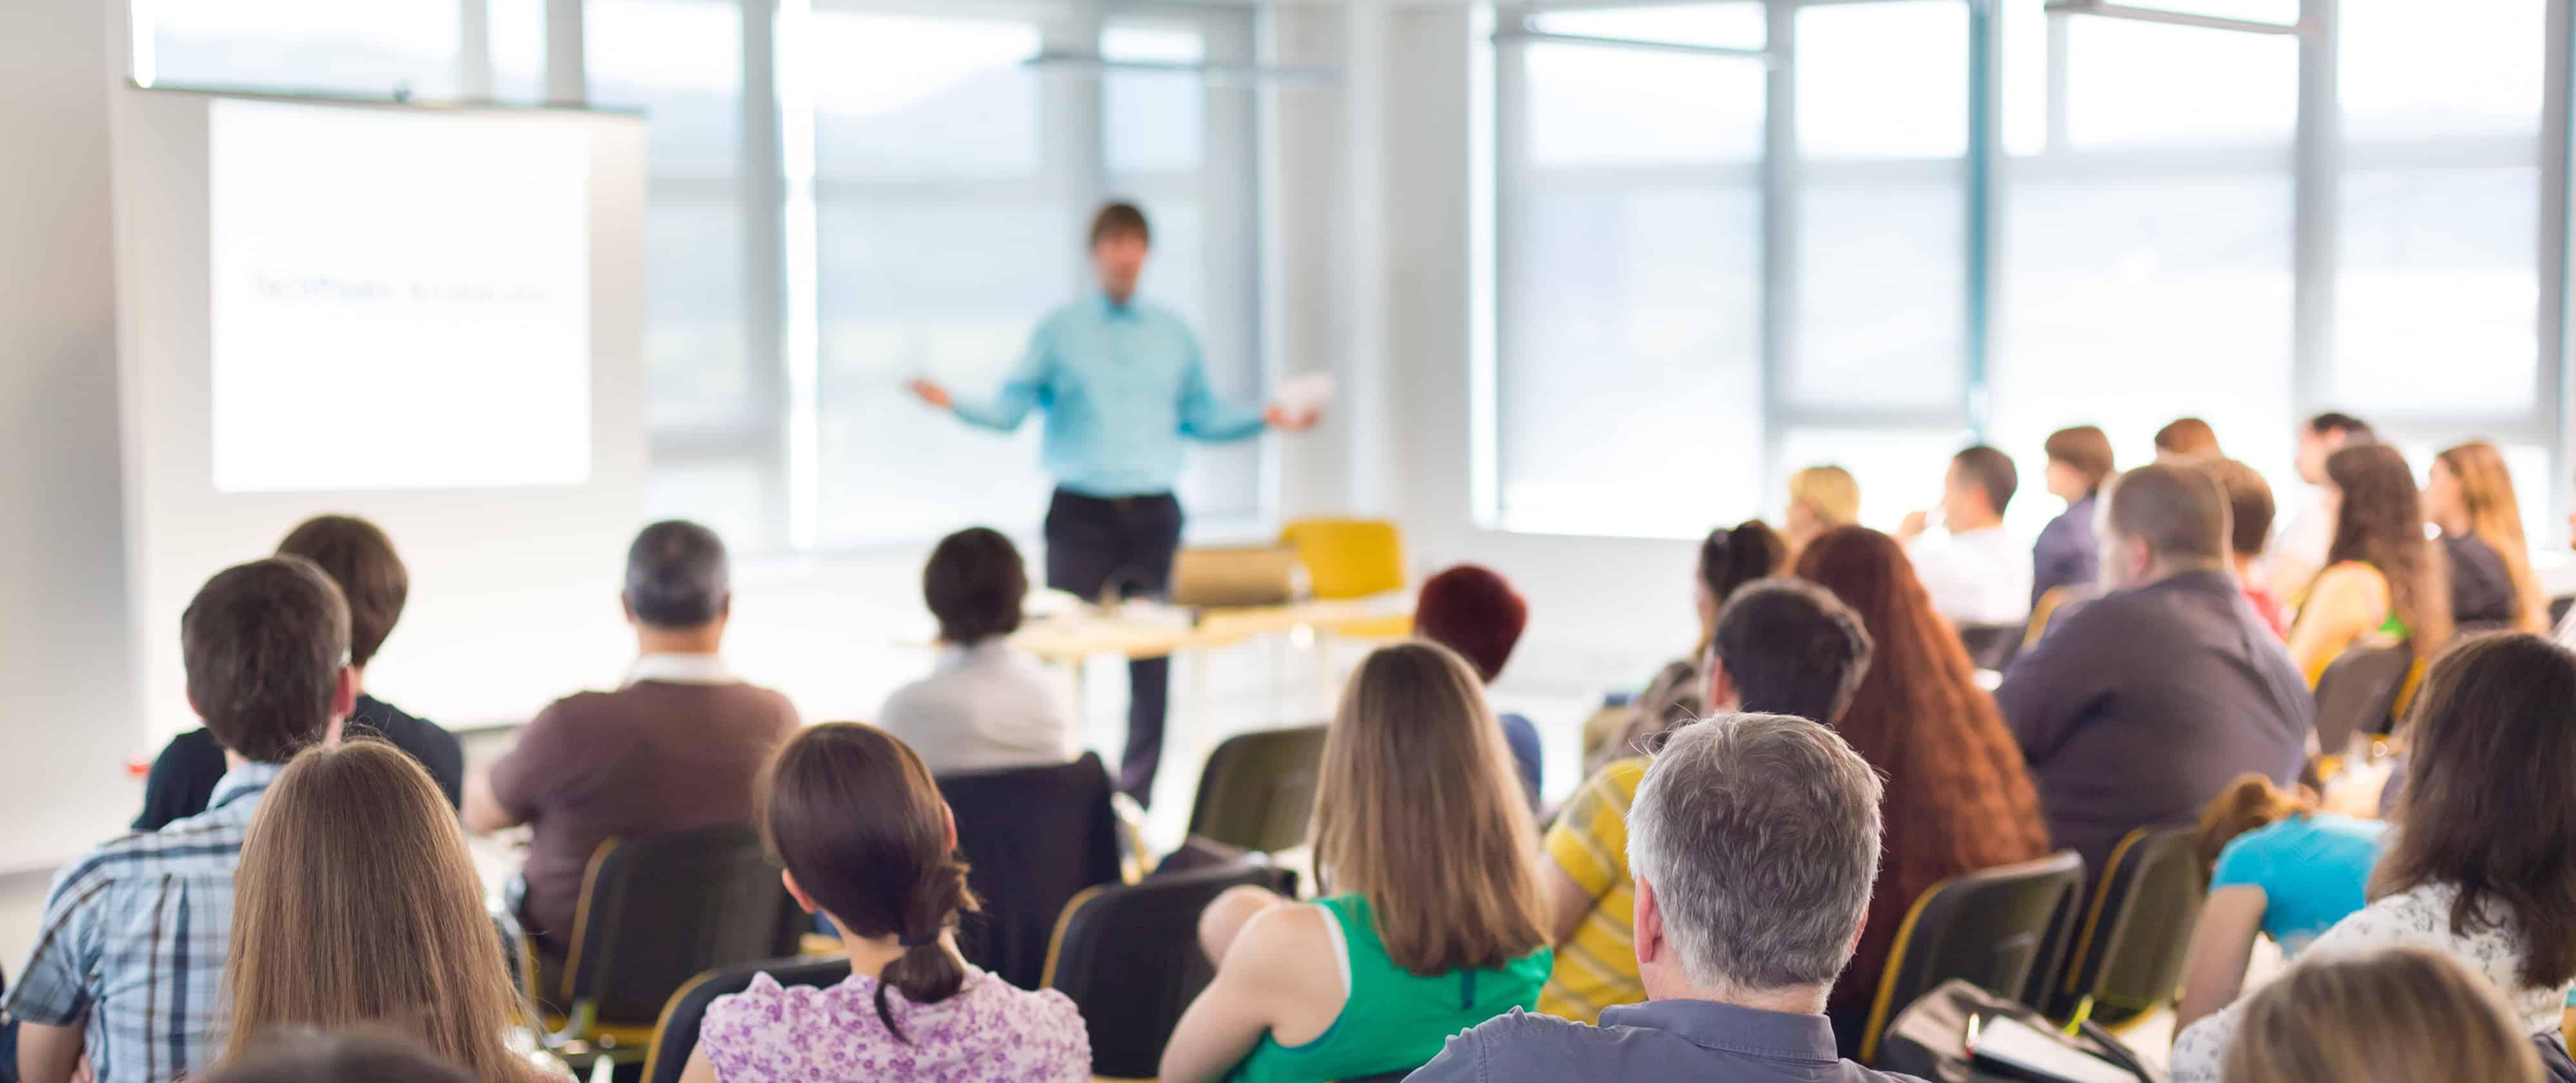 konferencje i szkolenia styczeń 2018